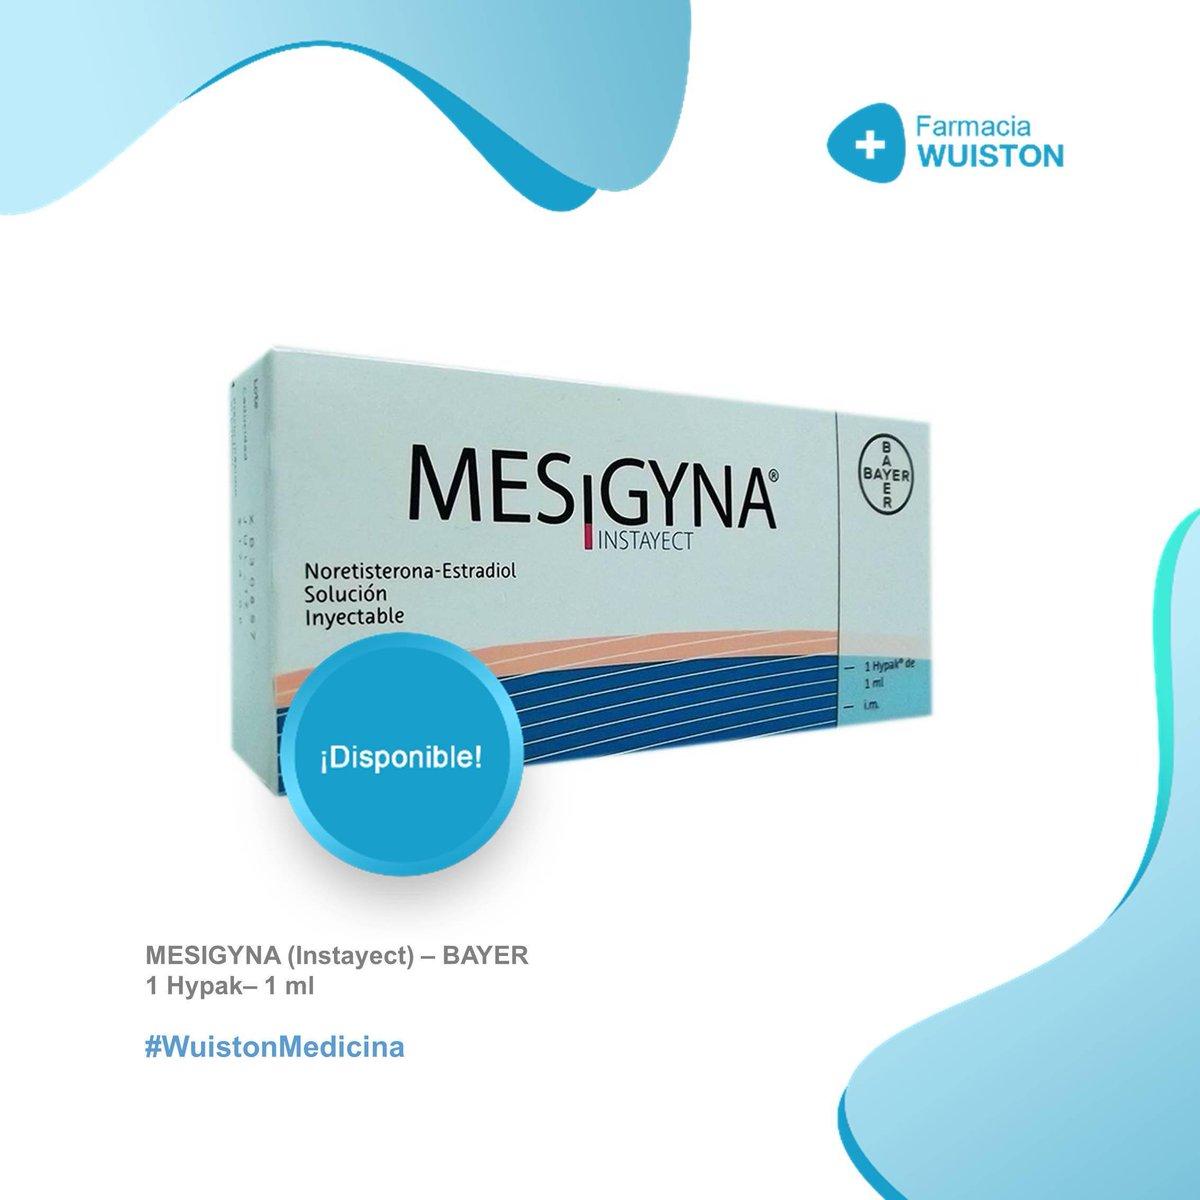 Farmacia Wuiston على تويتر Contamos Con Los Siguientes Medicamentos Mesigyna Anticonceptiva 1ml Levofloxacina 500 Mg X 10 Valpron 500mg X 30 250mg X 180ml Claritromicina 500mg X 10 0212 8601856 Serviciopublive 17sep